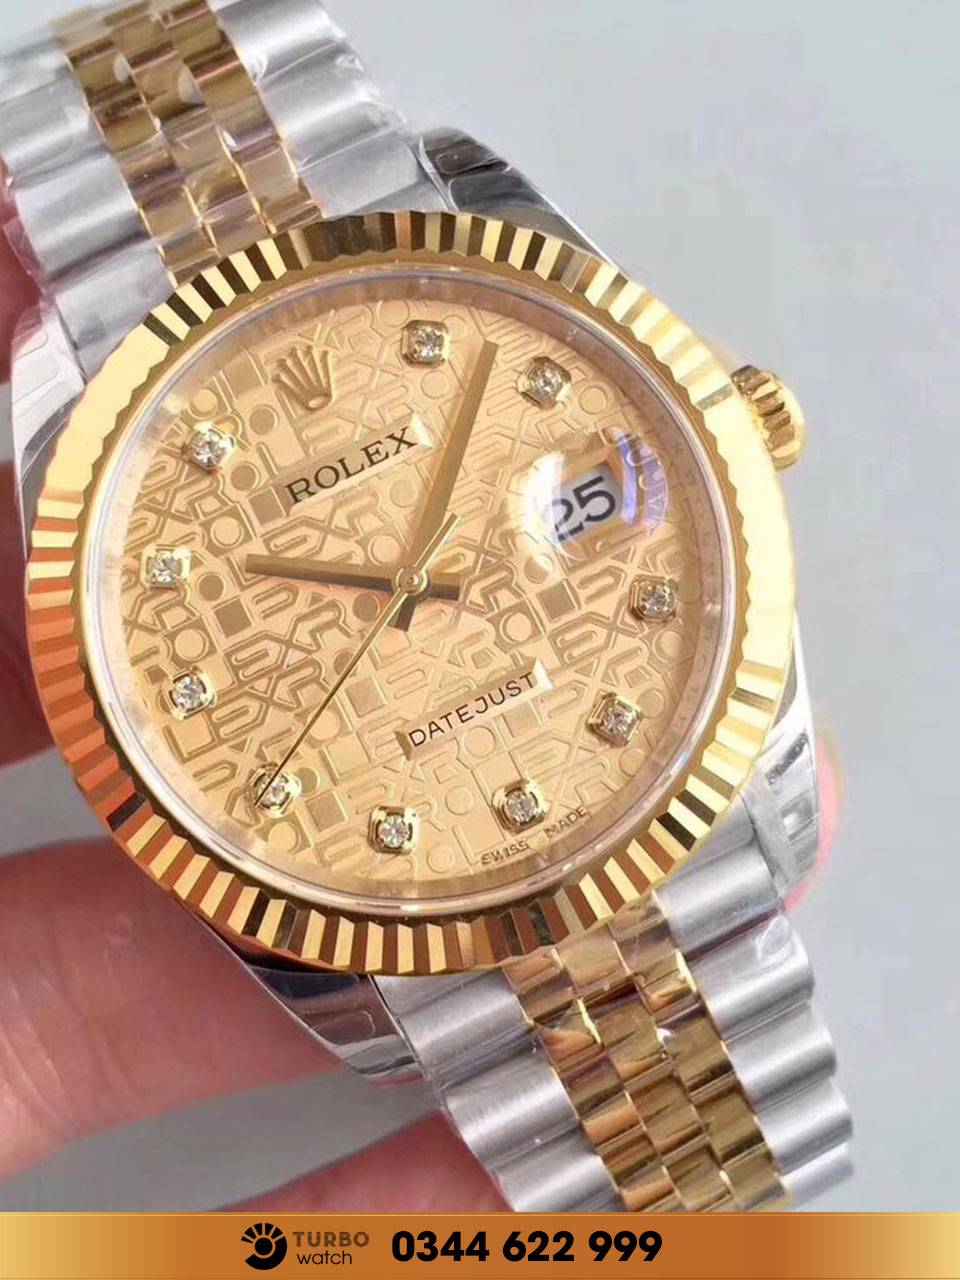 Đồng hồ ROLEX chế tác vàng nguyên khối